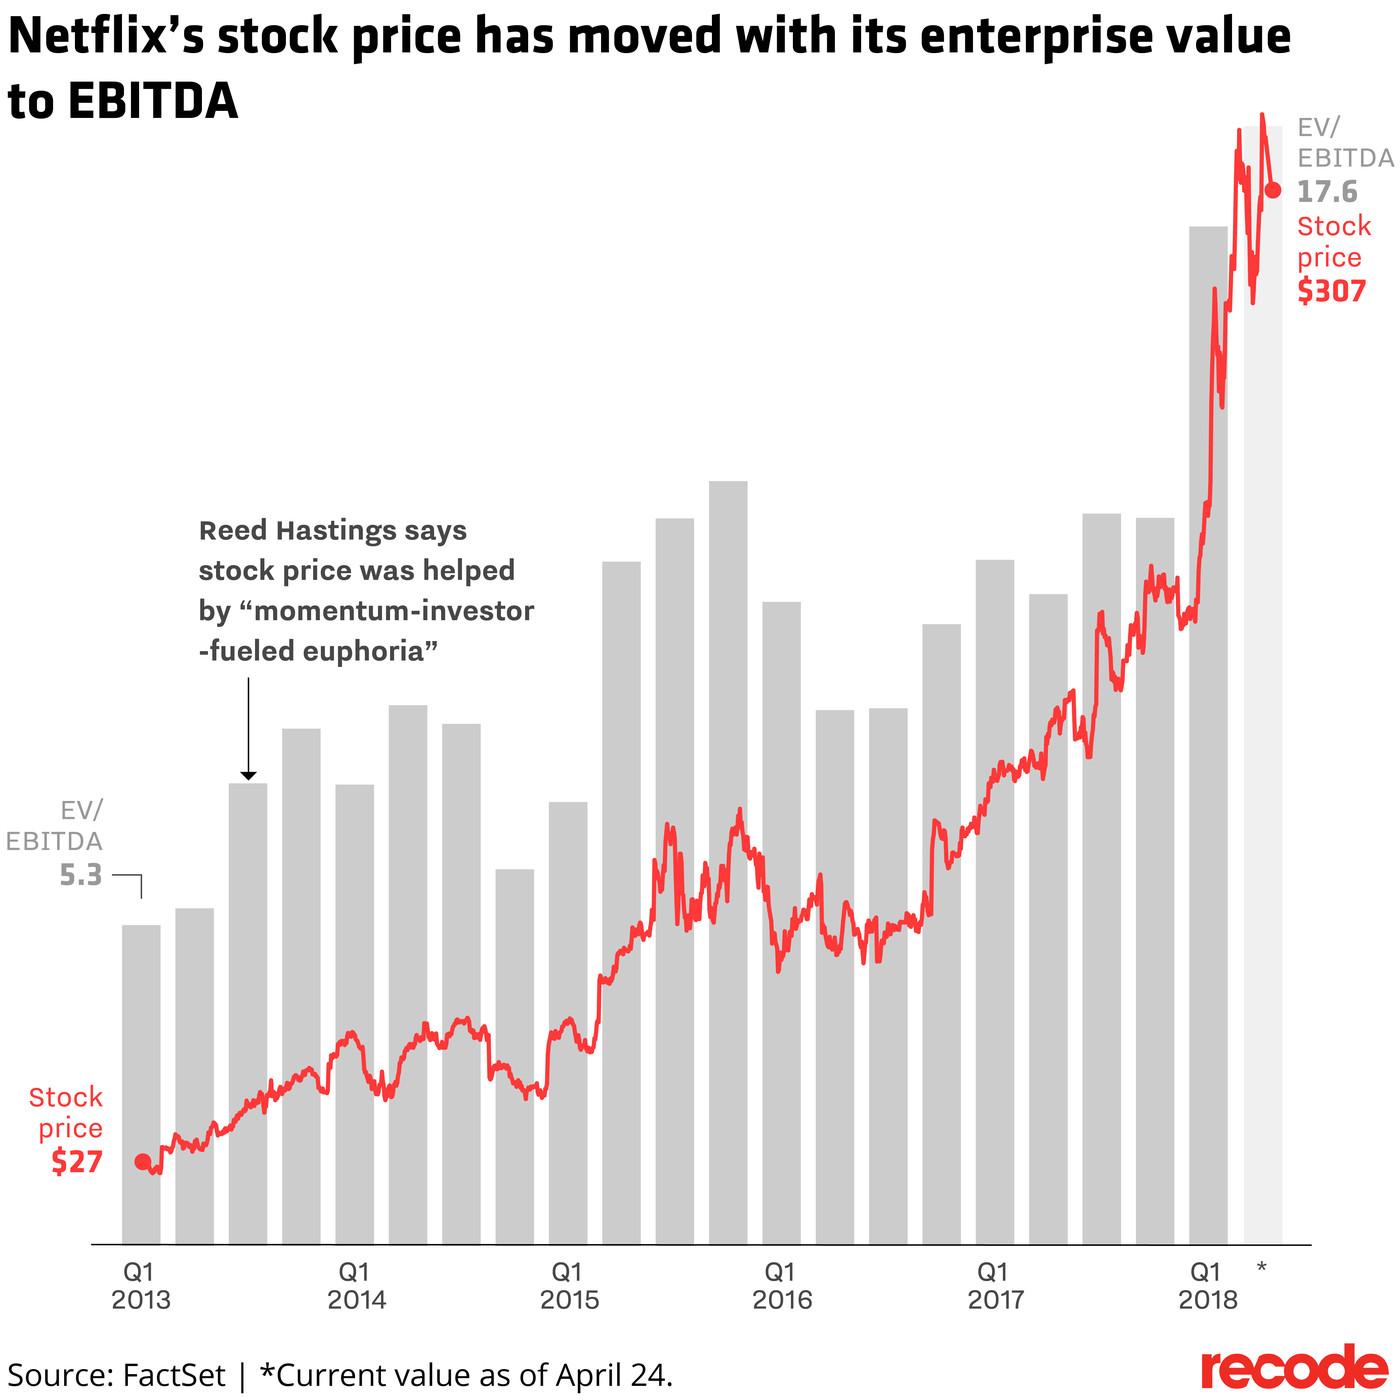 stock price of netflix